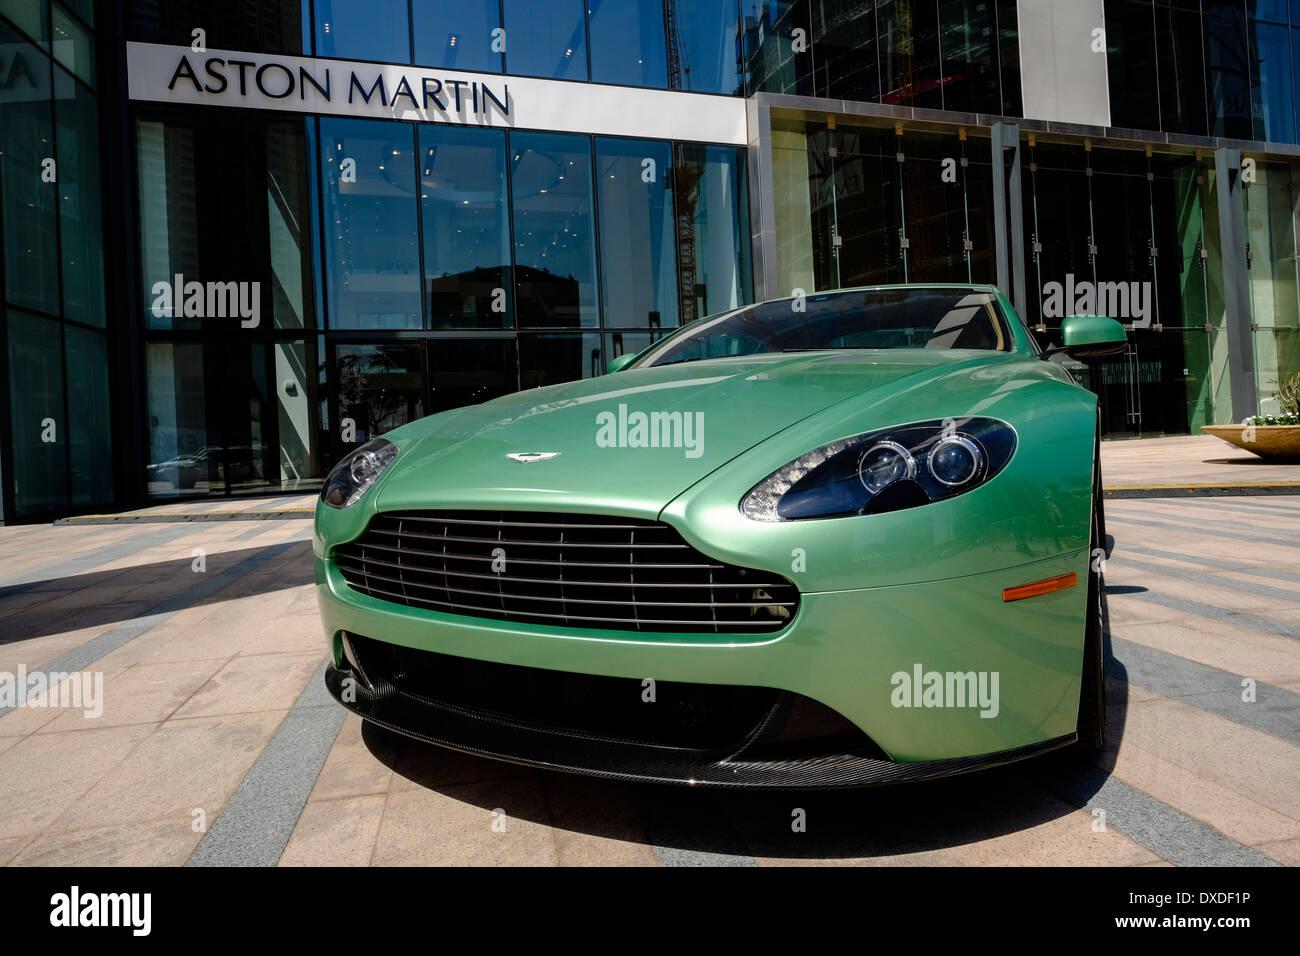 Showroom von Aston Martin Luxusautos in Dubai Vereinigte Arabische Emirate Stockbild